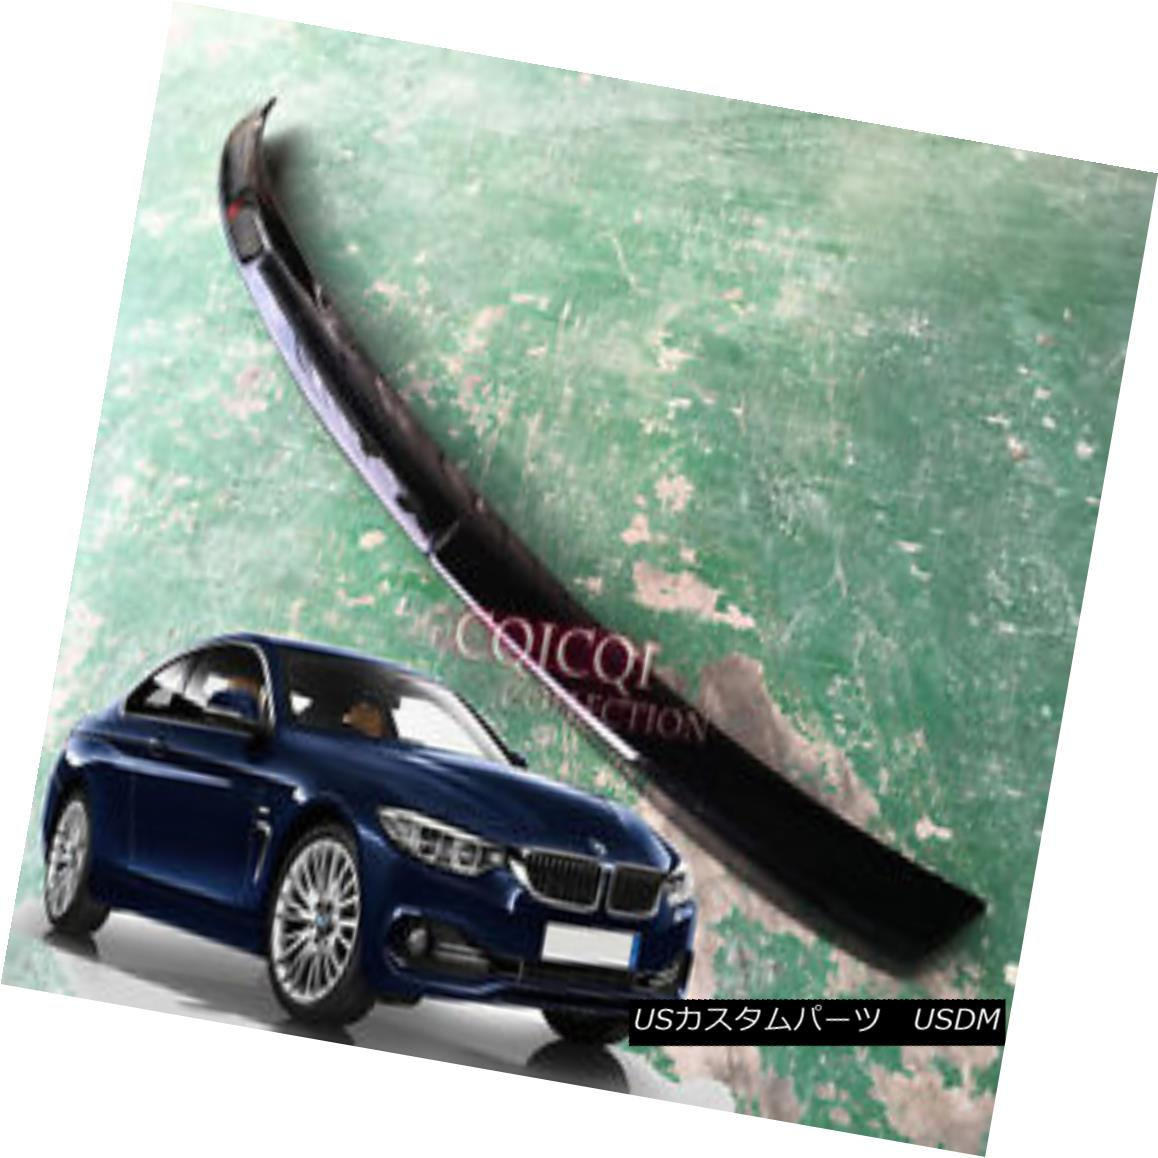 エアロパーツ Painted BMW 2014~2017 F32 4-series coupe M4 type trunk spoiler color:668 Black ◎ ペイントされたBMW 2014?2017 F32 4シリーズクーペM4タイプのトランクスポイラーカラー:668ブラック?